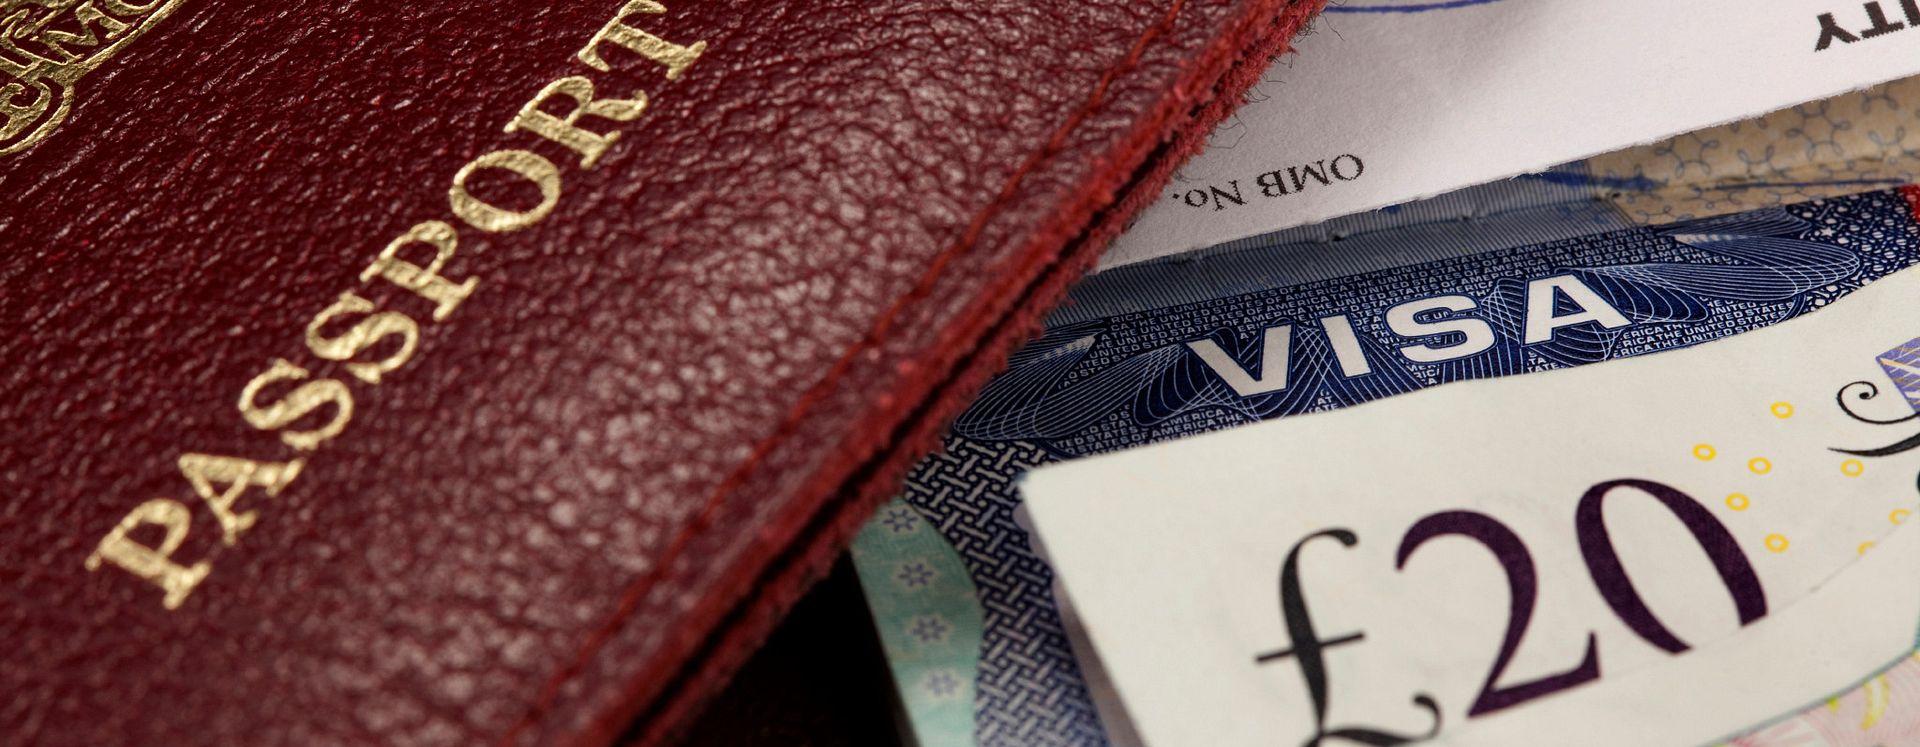 Imágen de un pasaporte